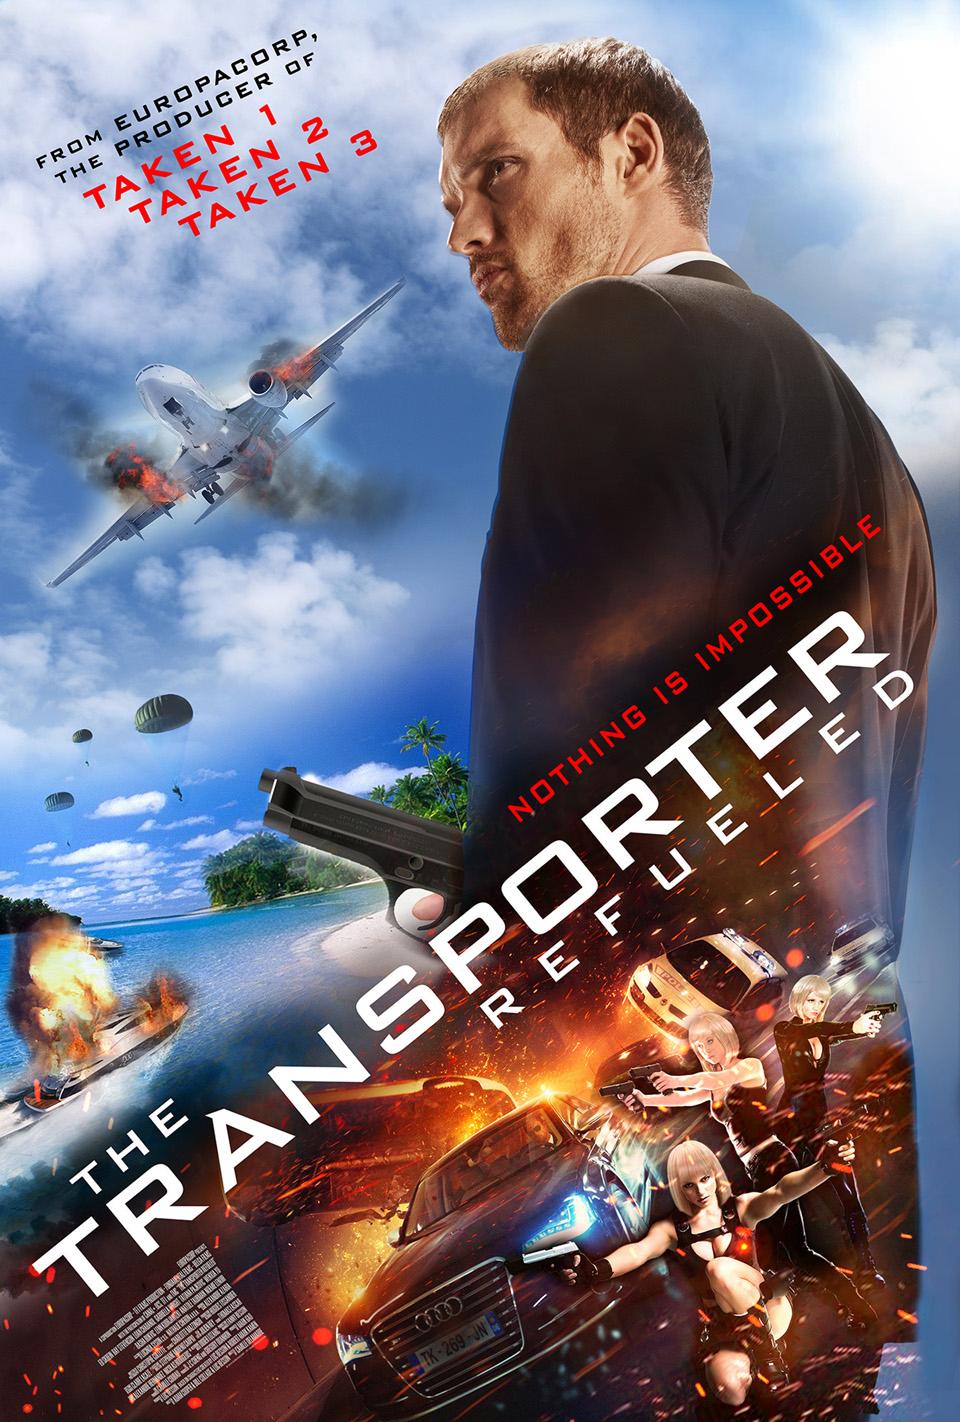 [ภาพชัด MASTER มาแล้ว] THE TRANSPORTER REFUELED (2015) คนระห่ำคว่ำนรก [เสัยงไทยโรงชัดแจ๋ว]